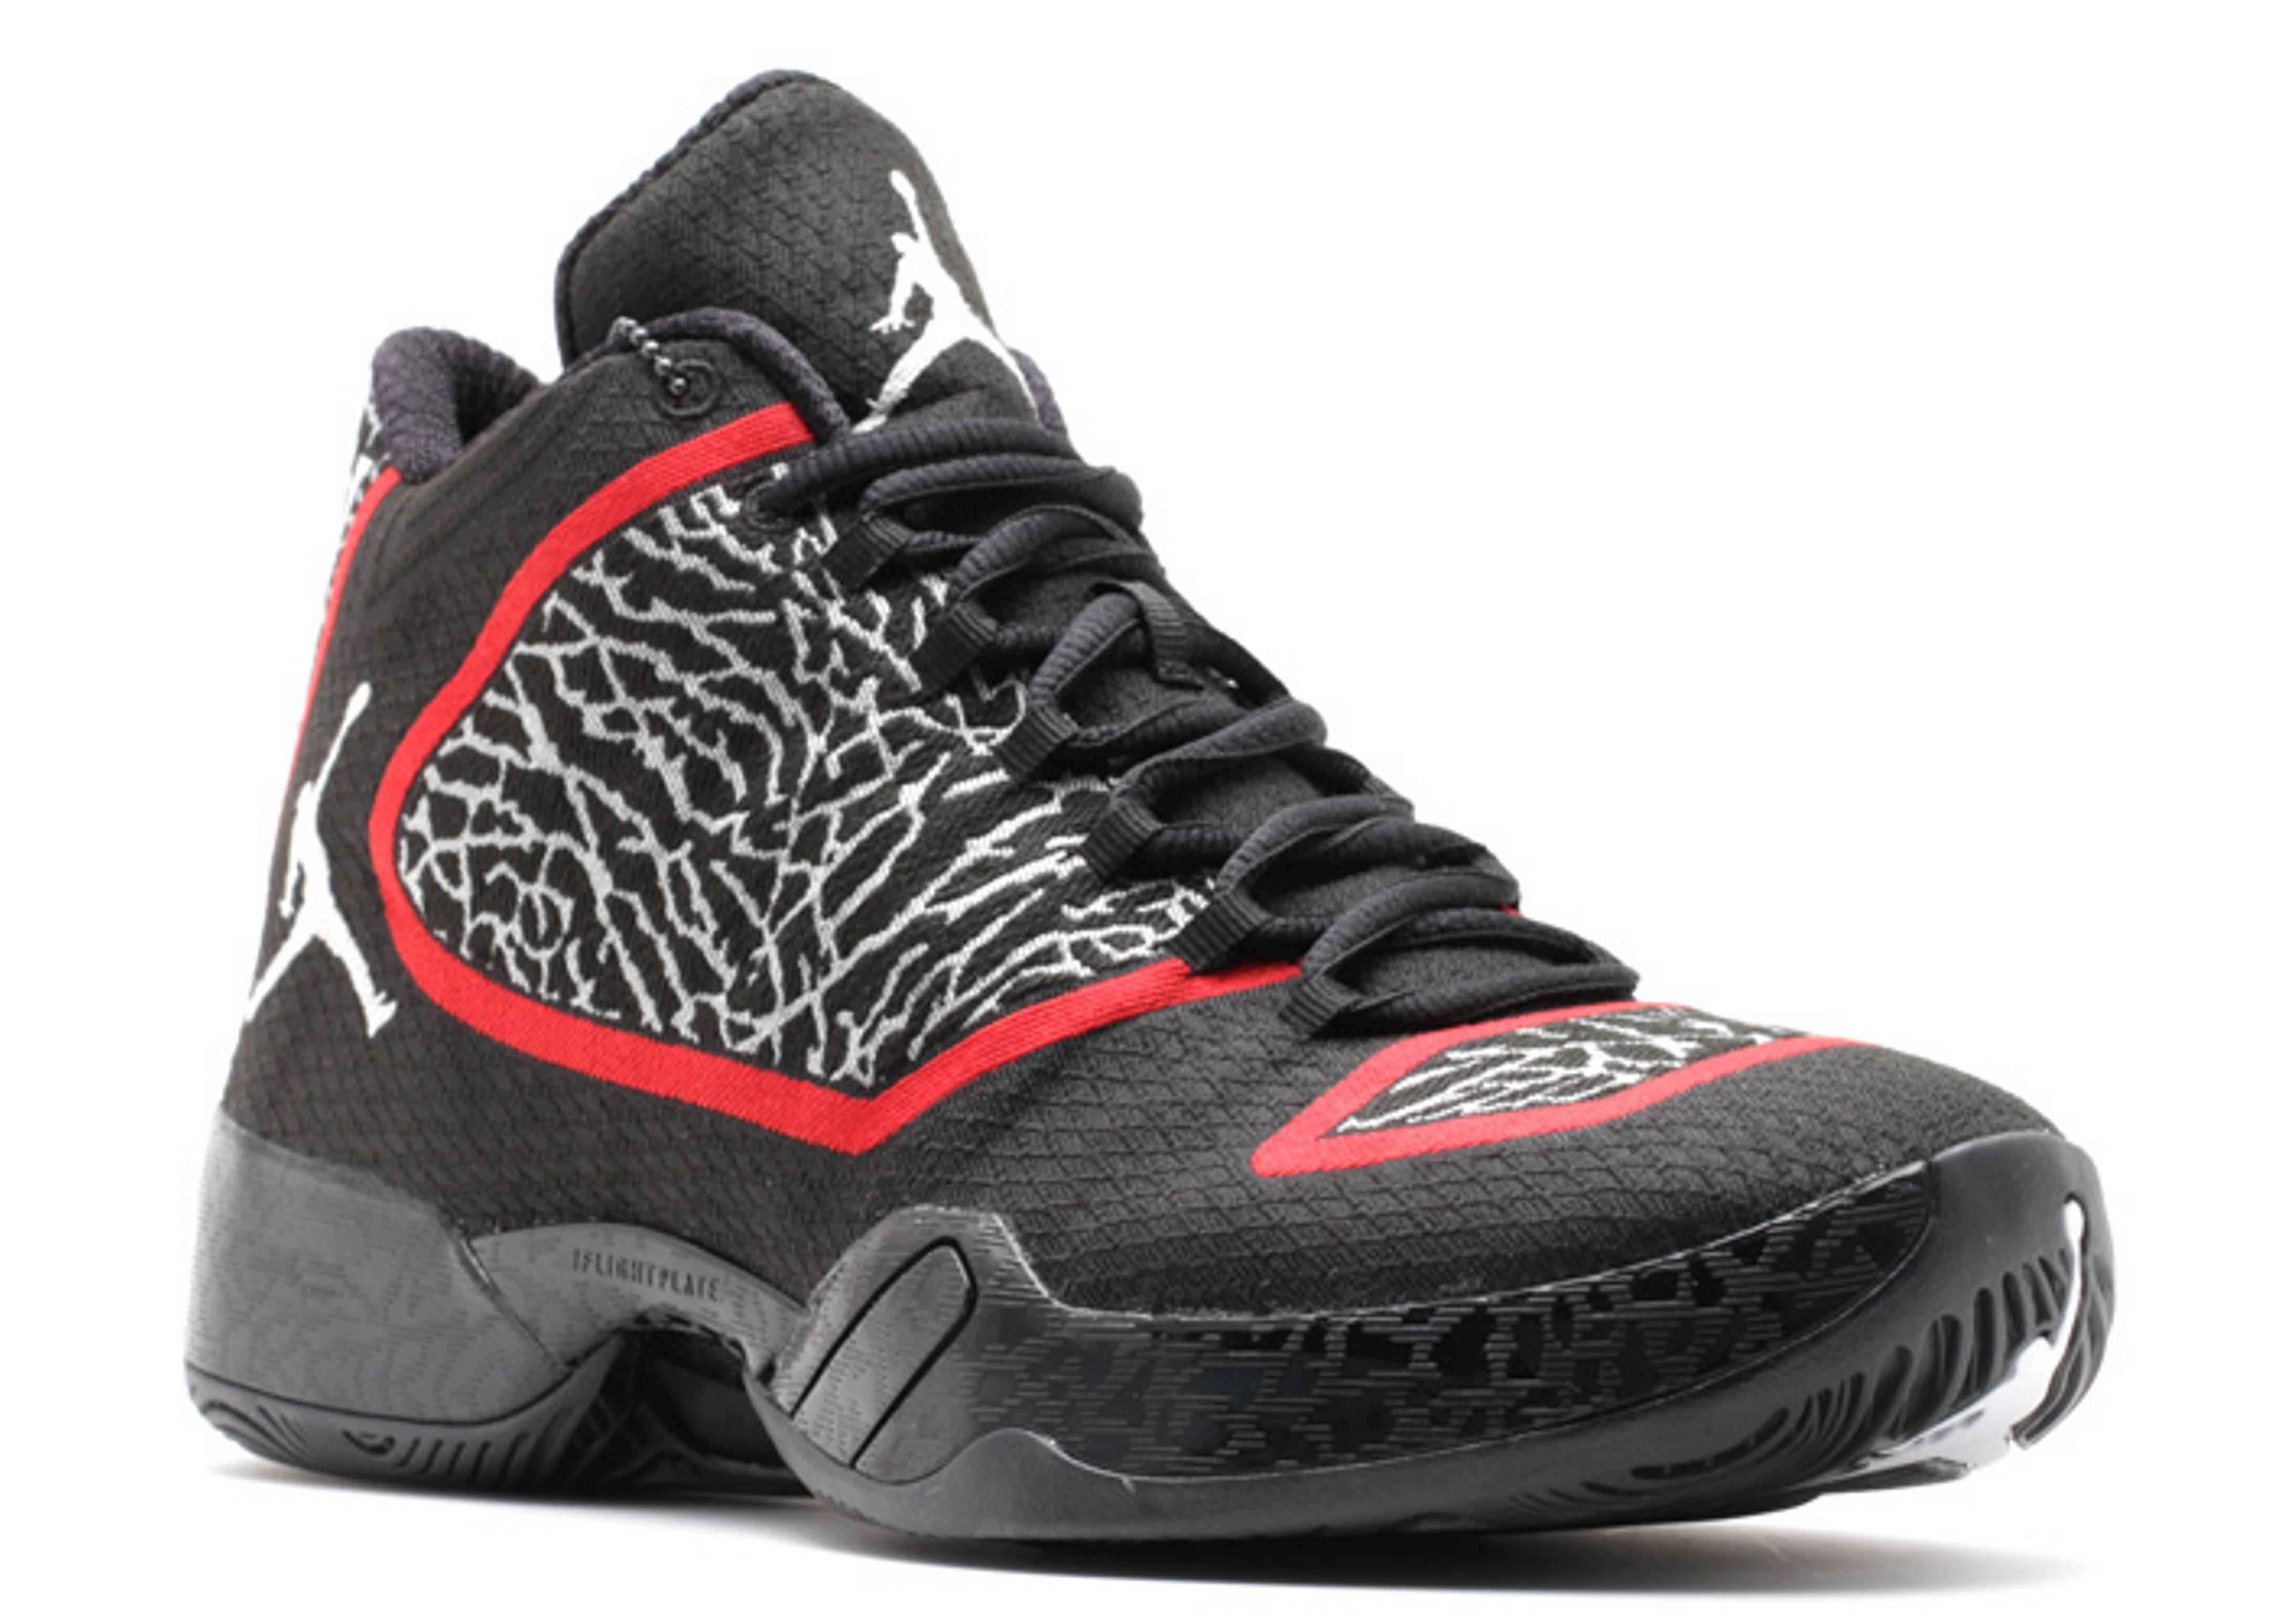 e42114011696 Air Jordan 29 - Air Jordan - 695515 023 - blk wht red